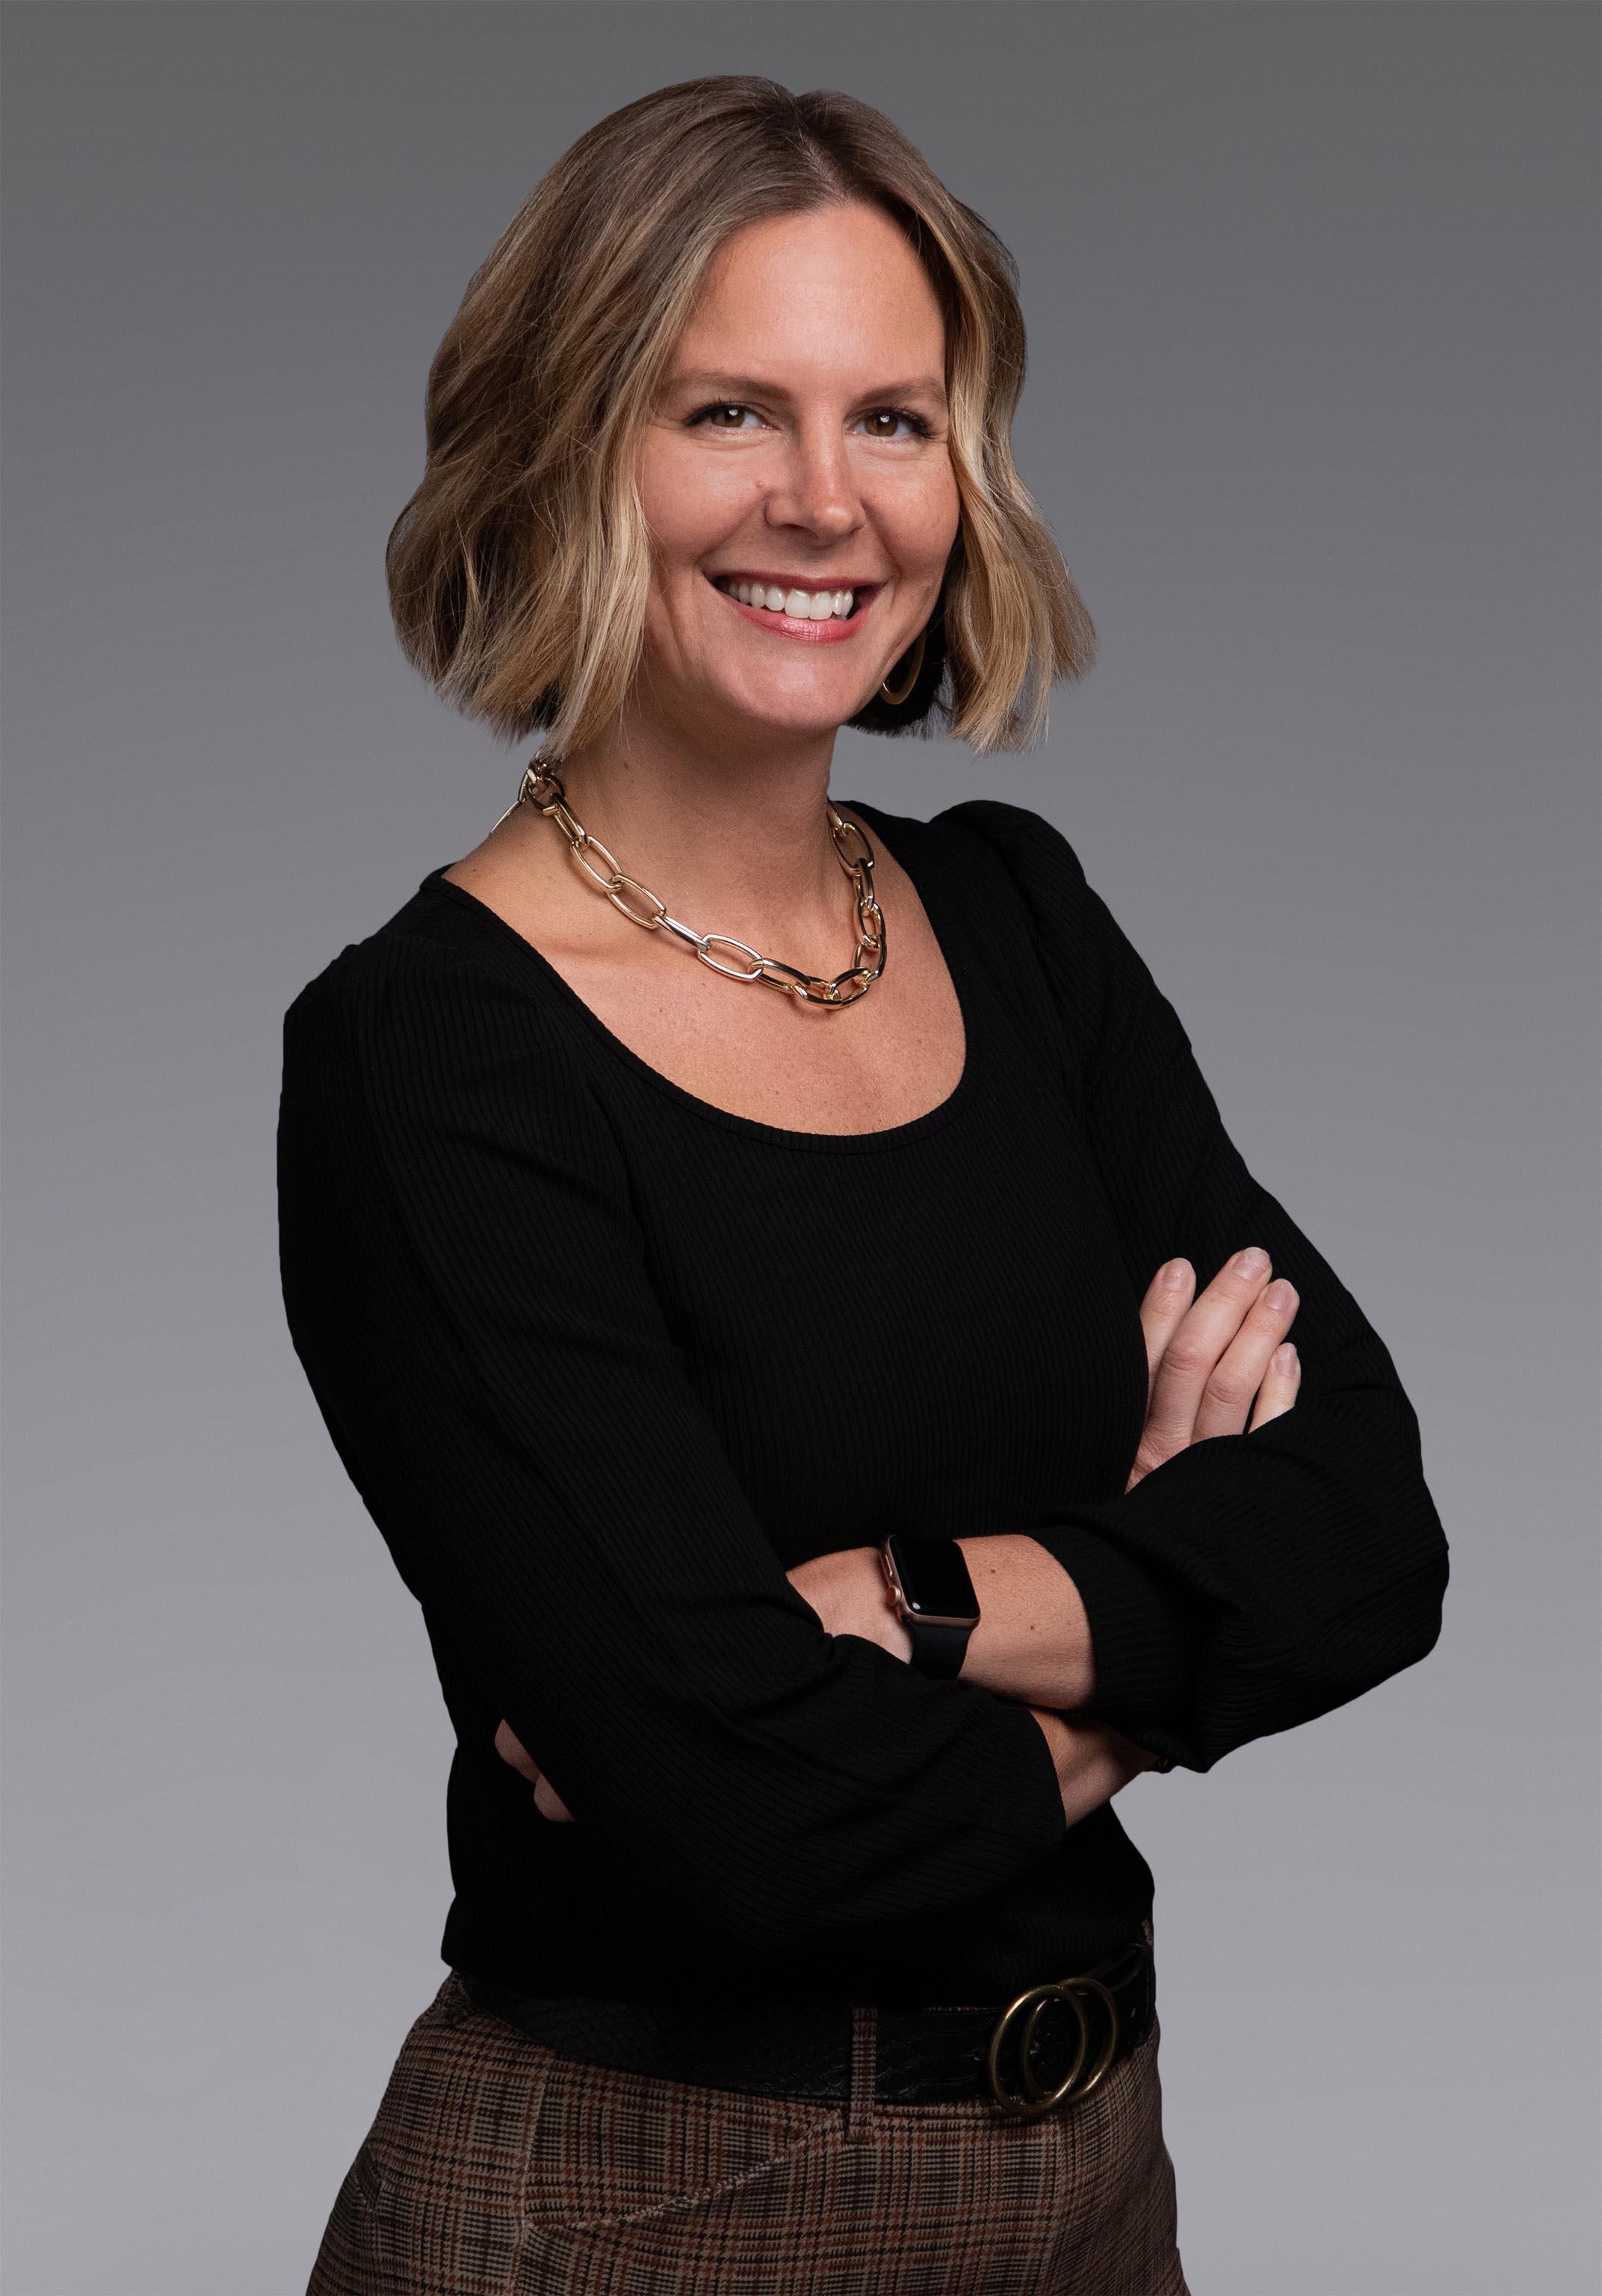 Leslie Hennessy